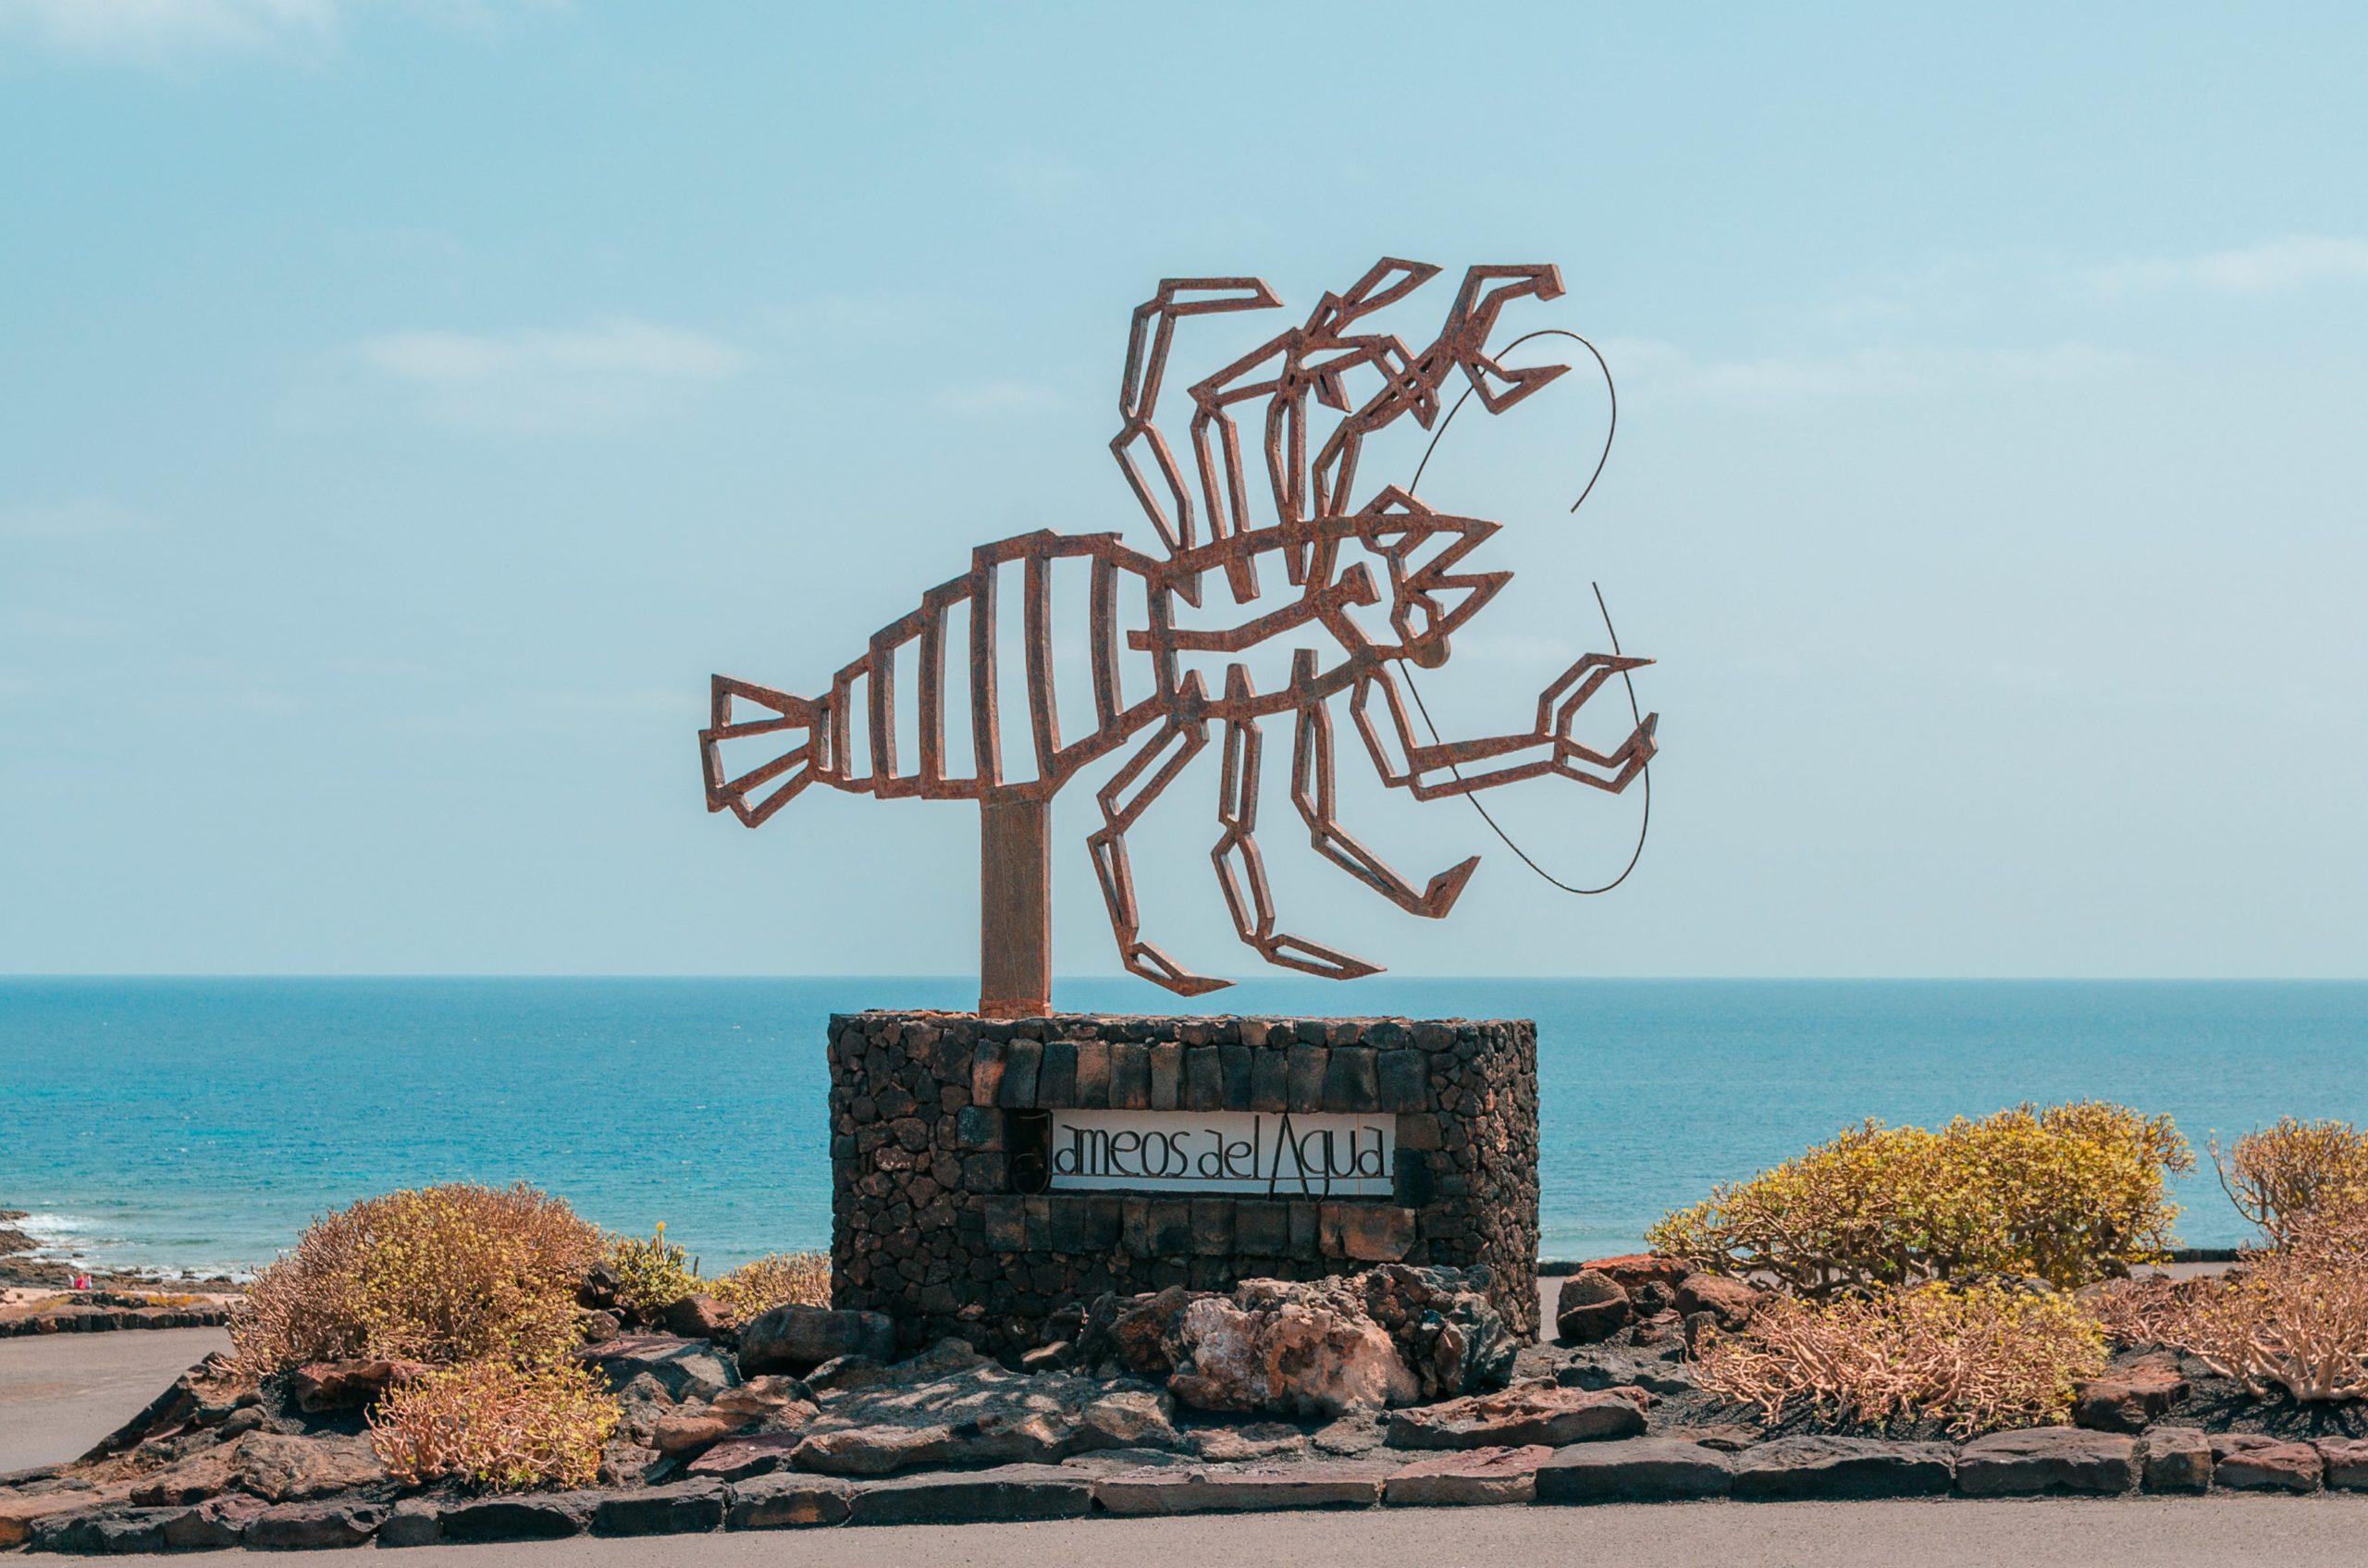 Surfing Lanzarote - Jameos del Agua